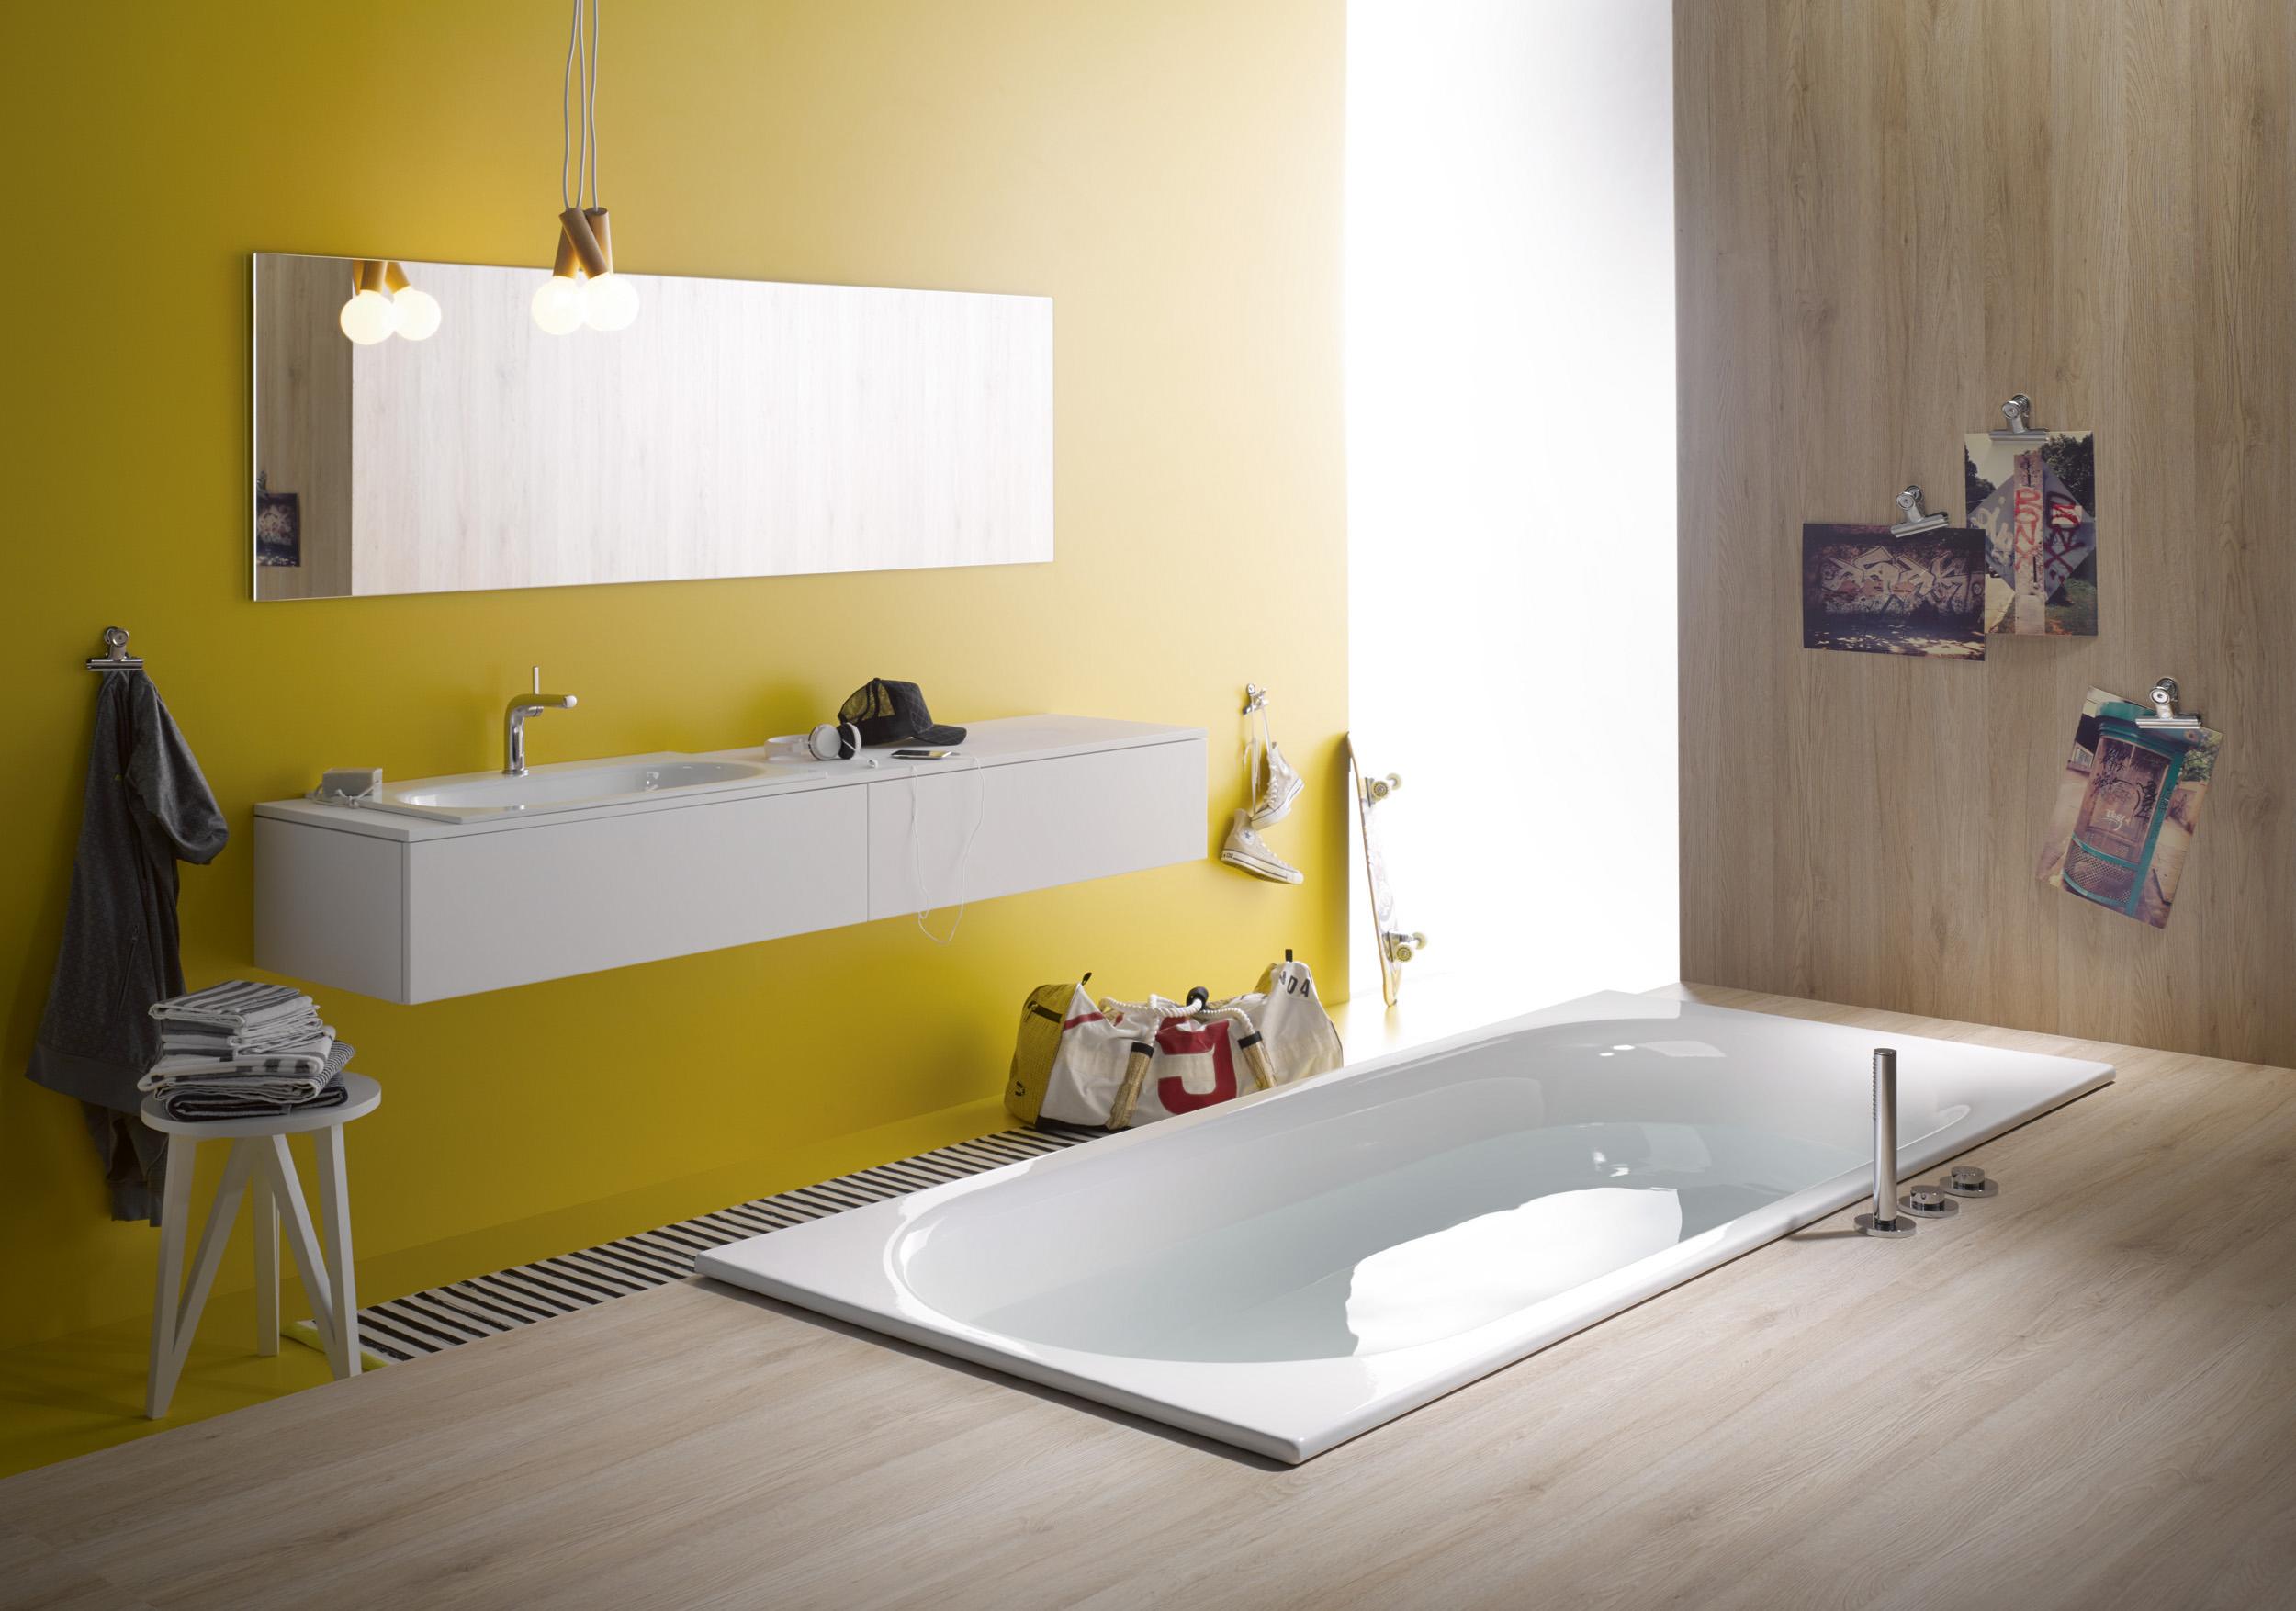 Heerlijk ligcomfort in luxe bad bettecomodo   nieuws startpagina ...